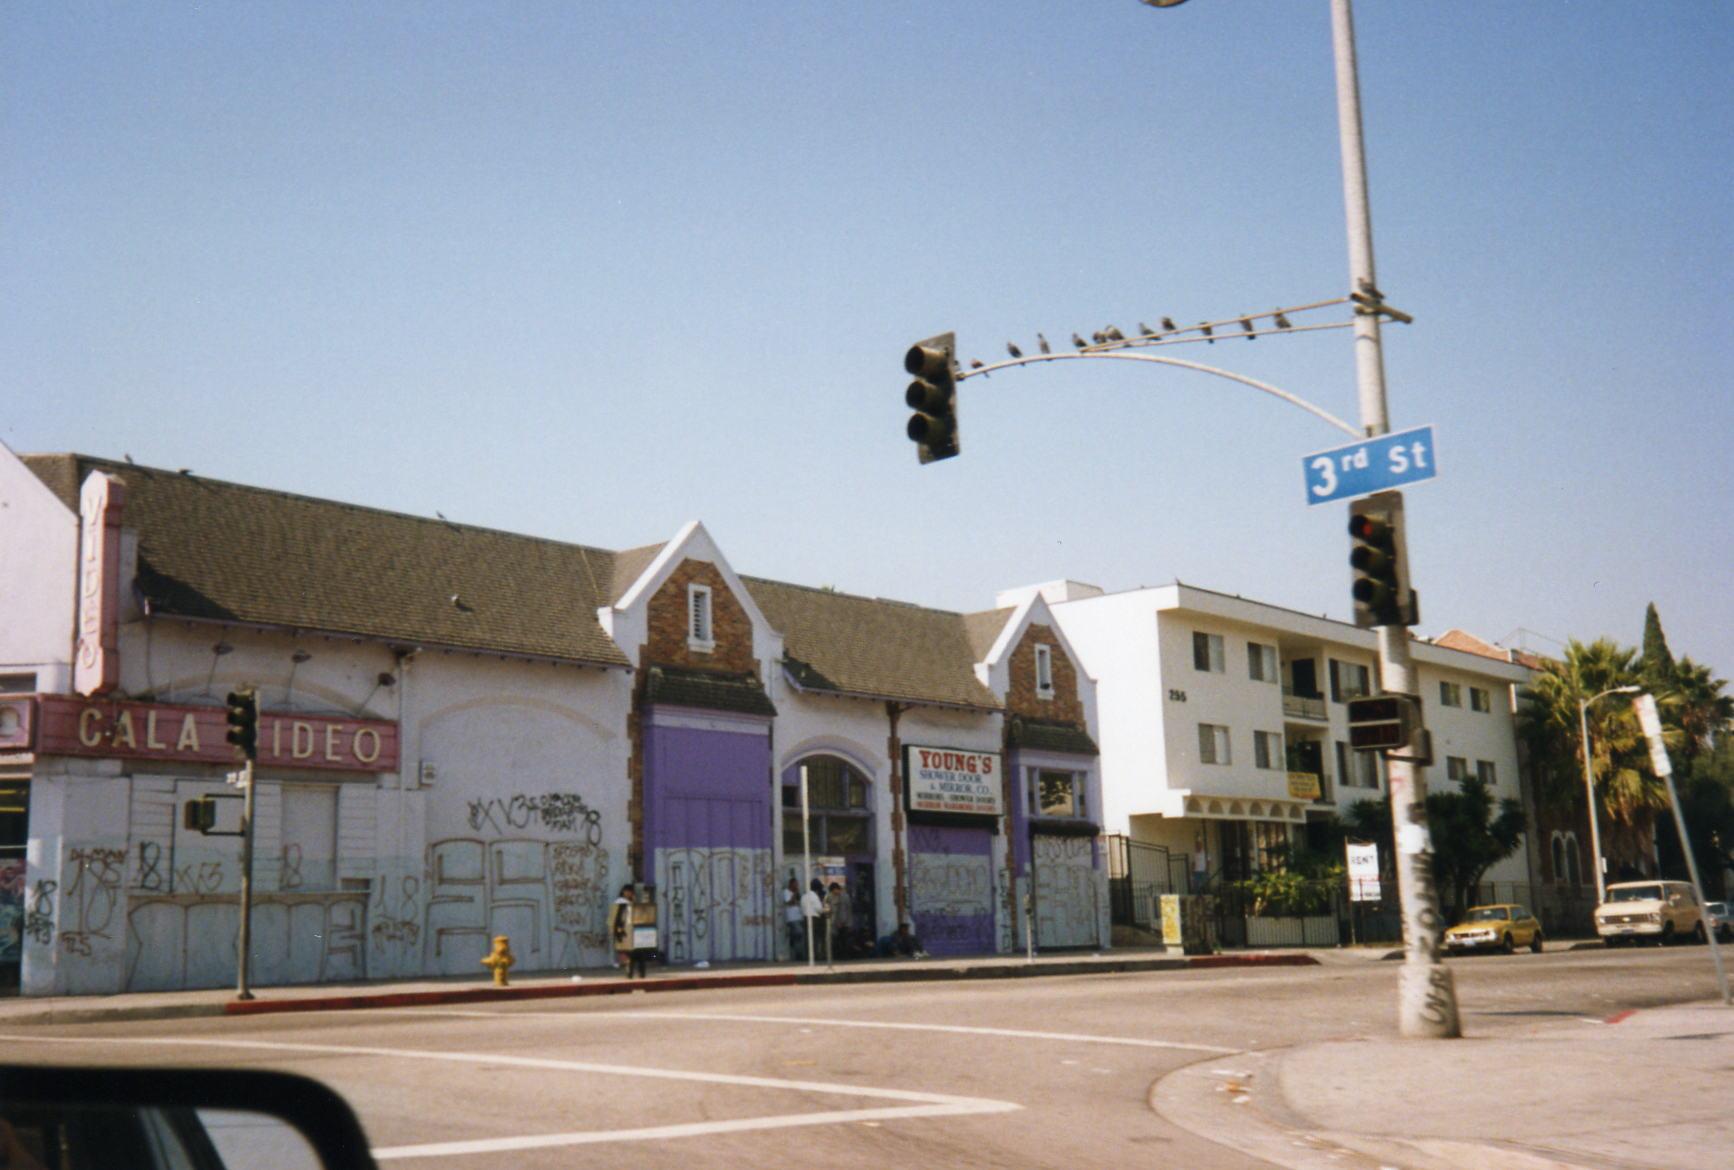 3rd Street, LA